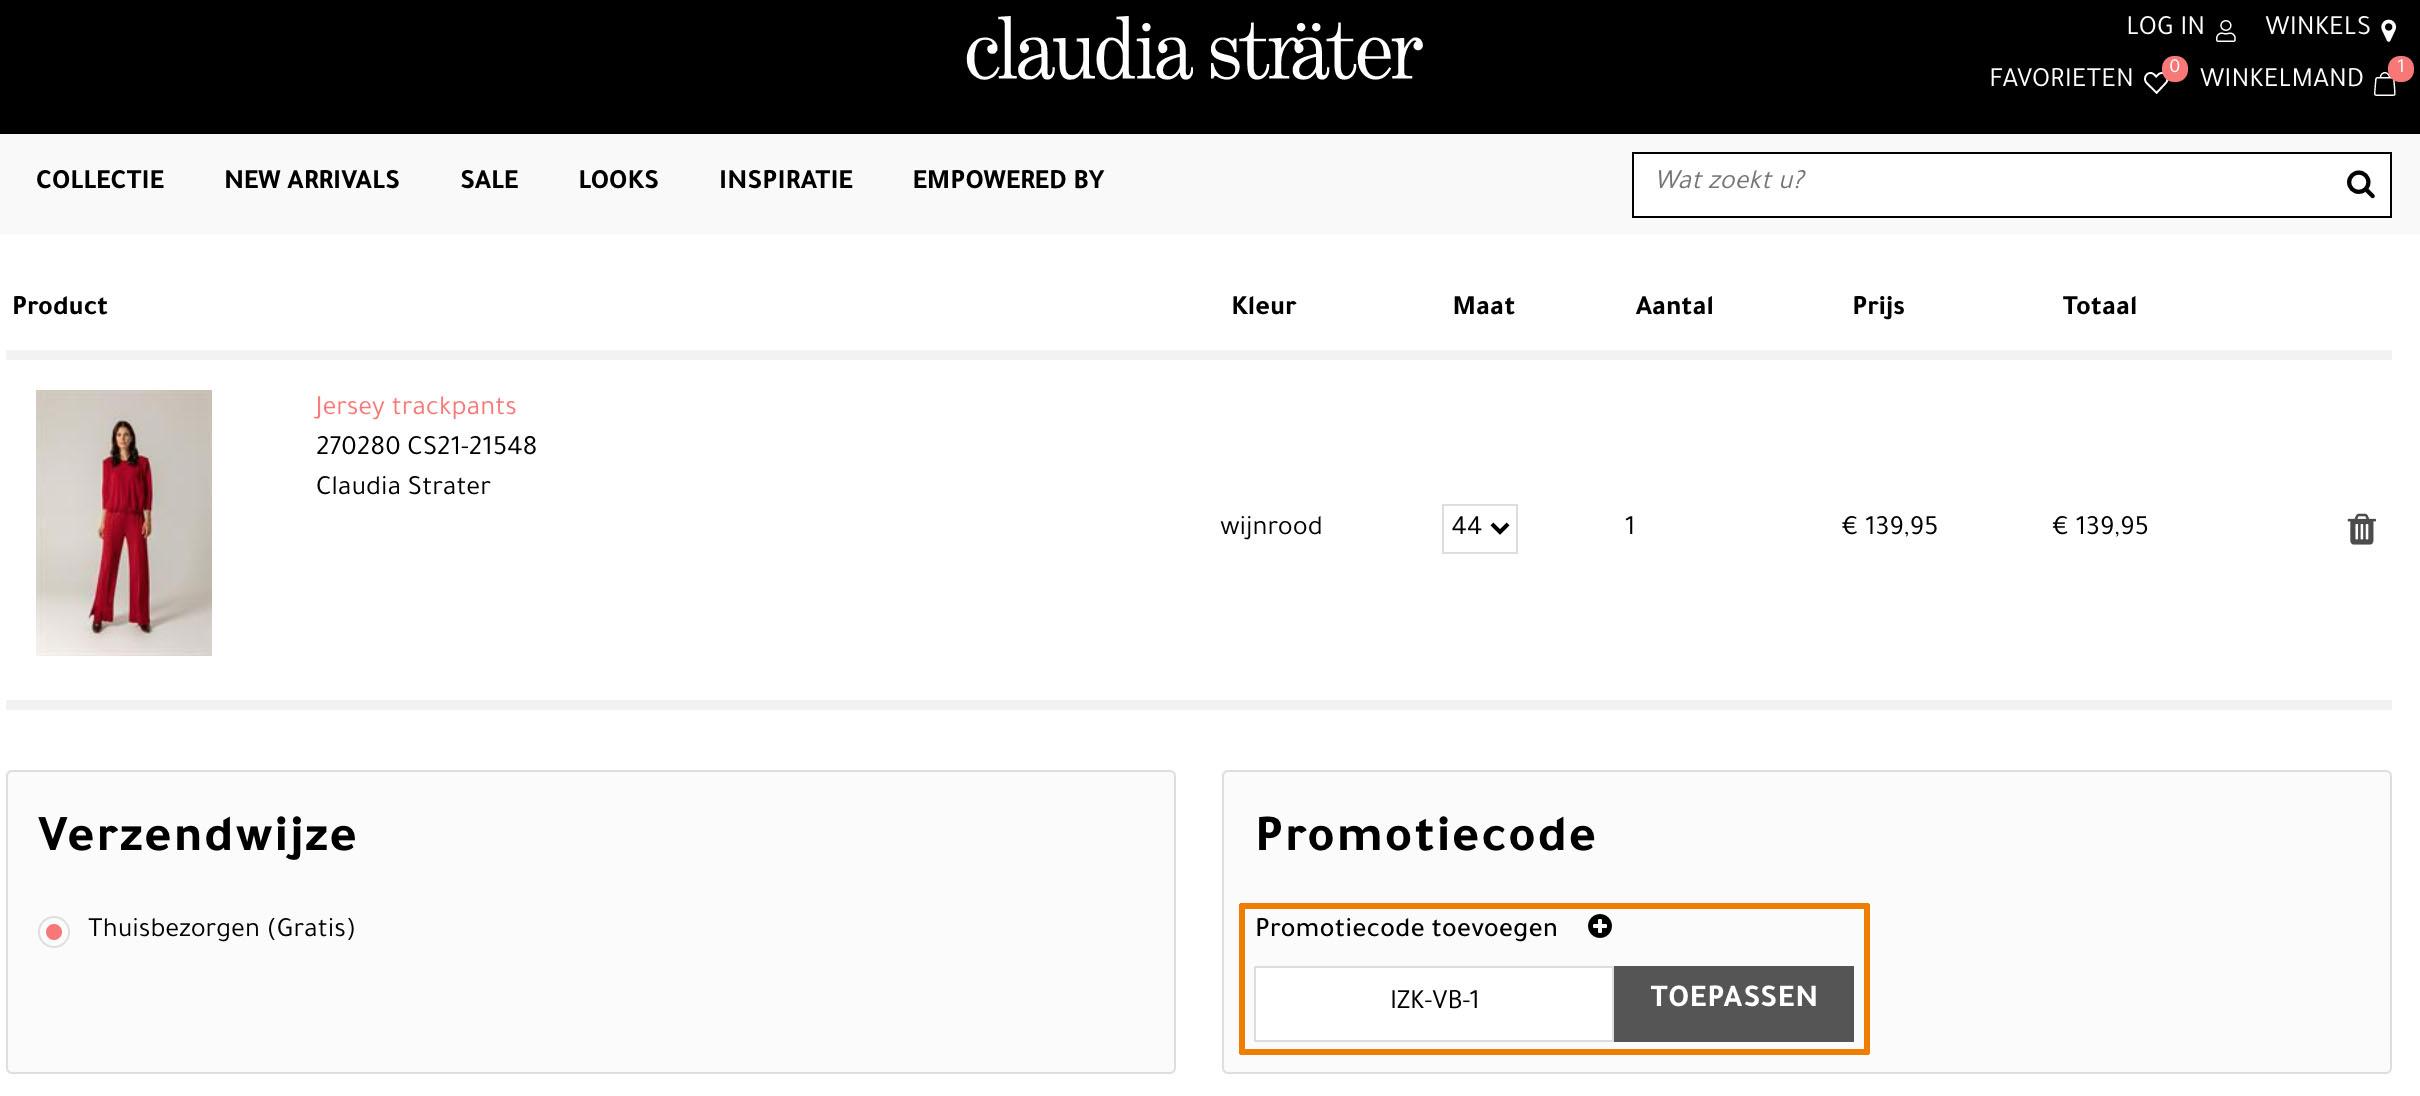 Hoe gebruik je een Claudia Sträter aanbieding